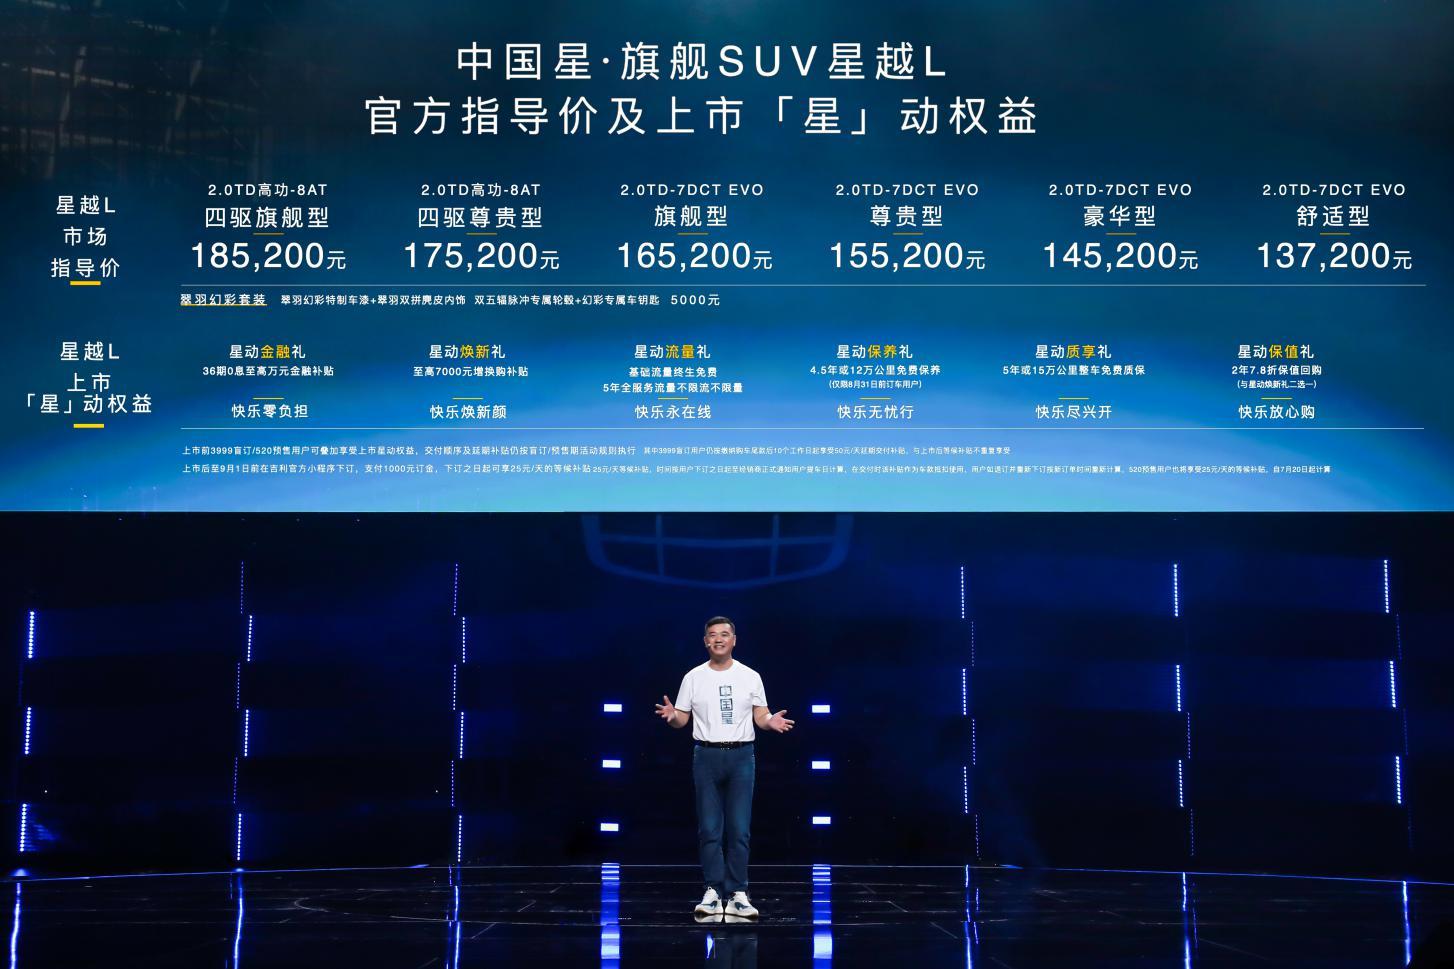 售价13.72-18.52万元, 中国星旗舰SUV吉利星越L杭州亚运馆全球上市